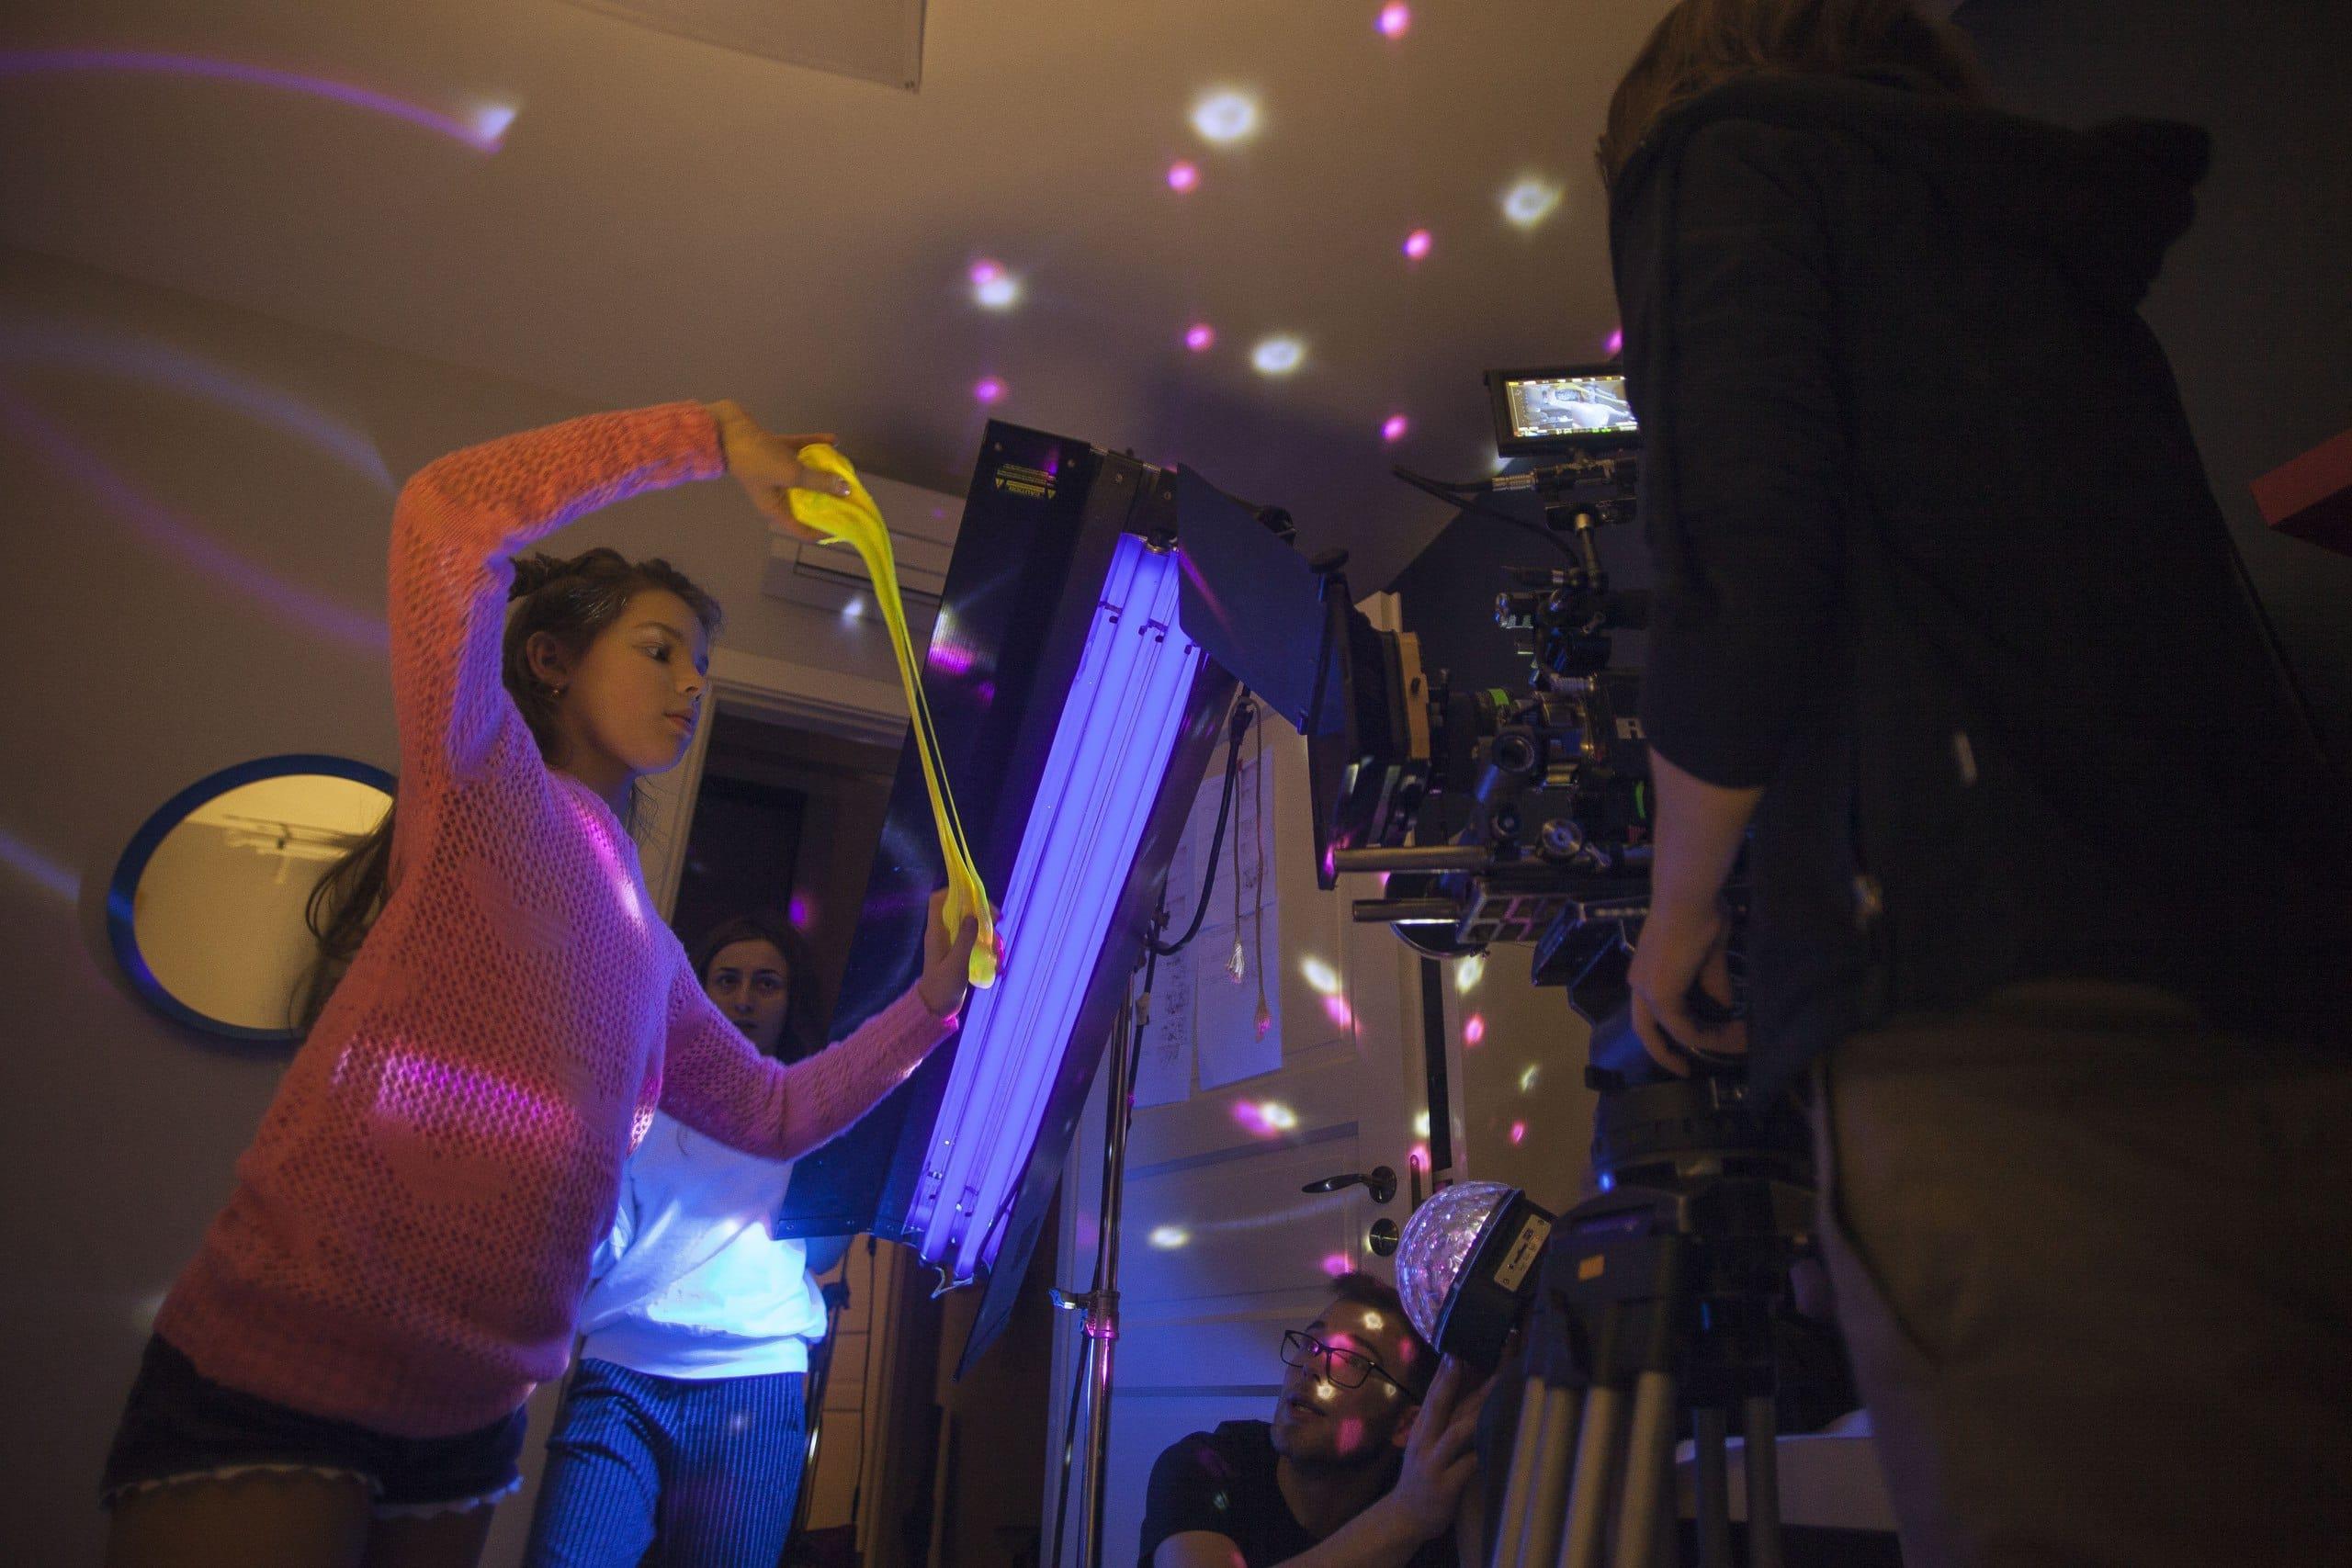 Съемка сцены в неоновом свете